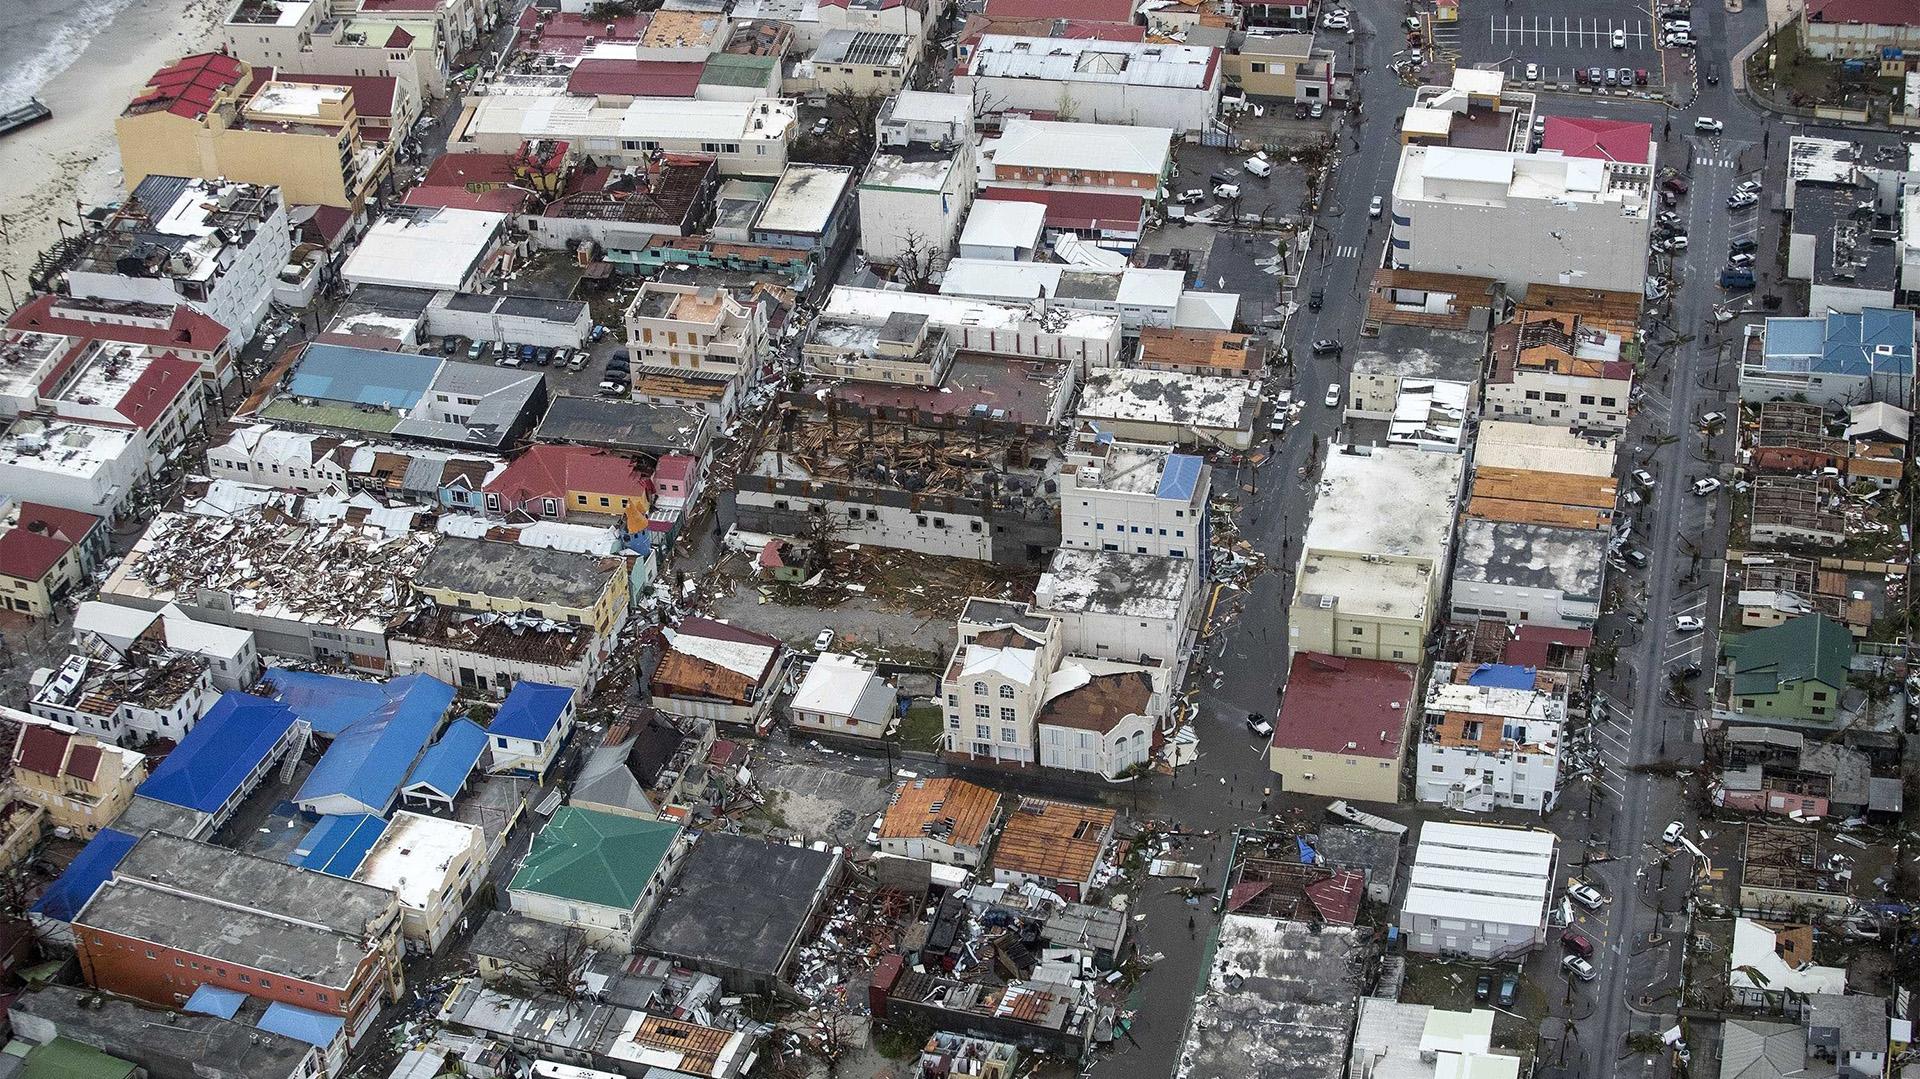 Fotografía facilitada por el Departamento de Defensa de Holanda que muestra una vista aérea de los daños causados por el huracán Irma a su paso por Philipsburg, en la isla de San Martín, ayer 6 de septiembre de 2017.(EFE)